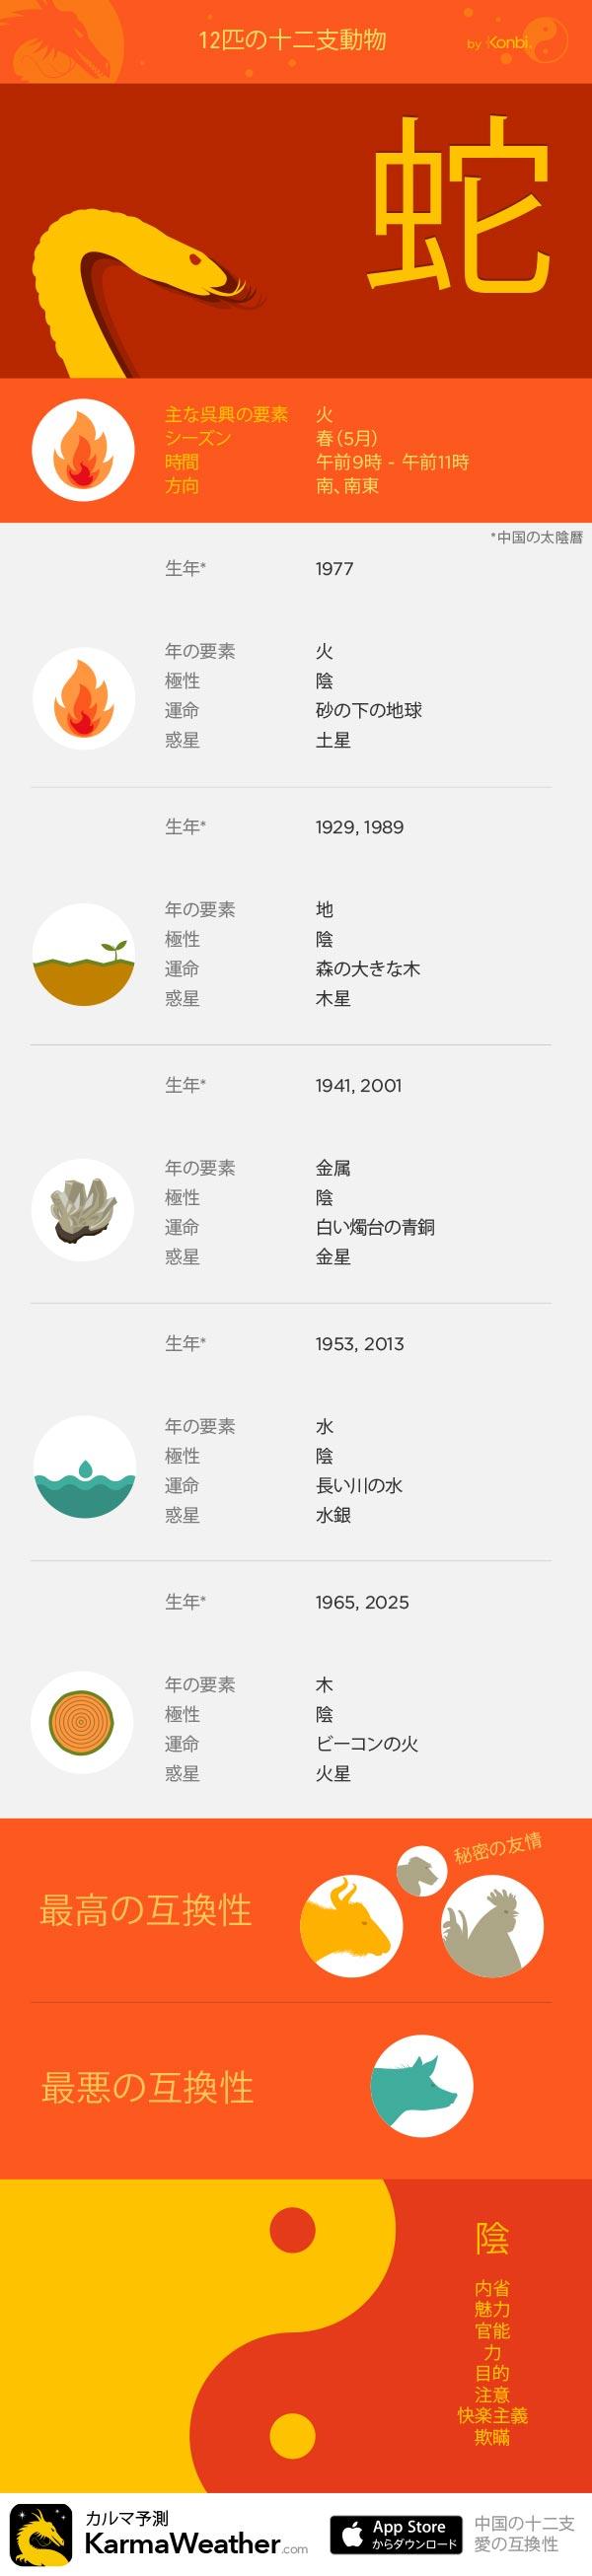 蛇  - KarmaWeatherによる12の十二支の看板、 無料の中国占星術iPhoneアプリ